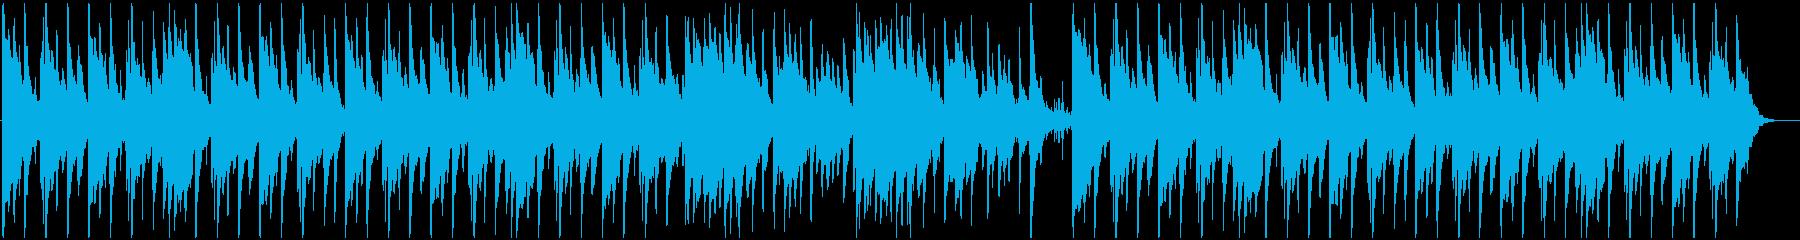 夜をイメージした優しいピアノ曲の再生済みの波形